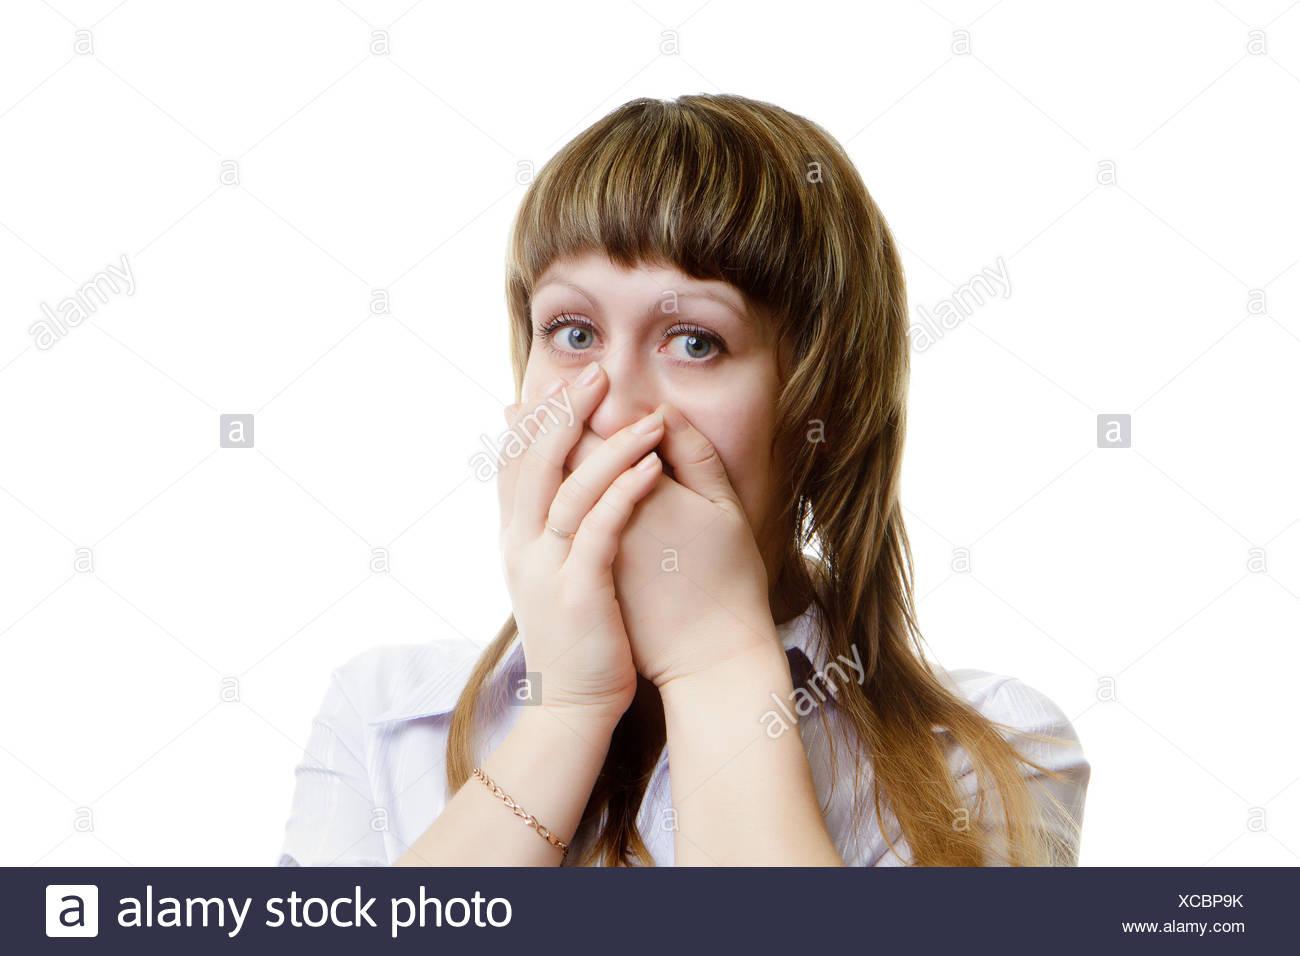 verängstigte junge Frau Stockbild